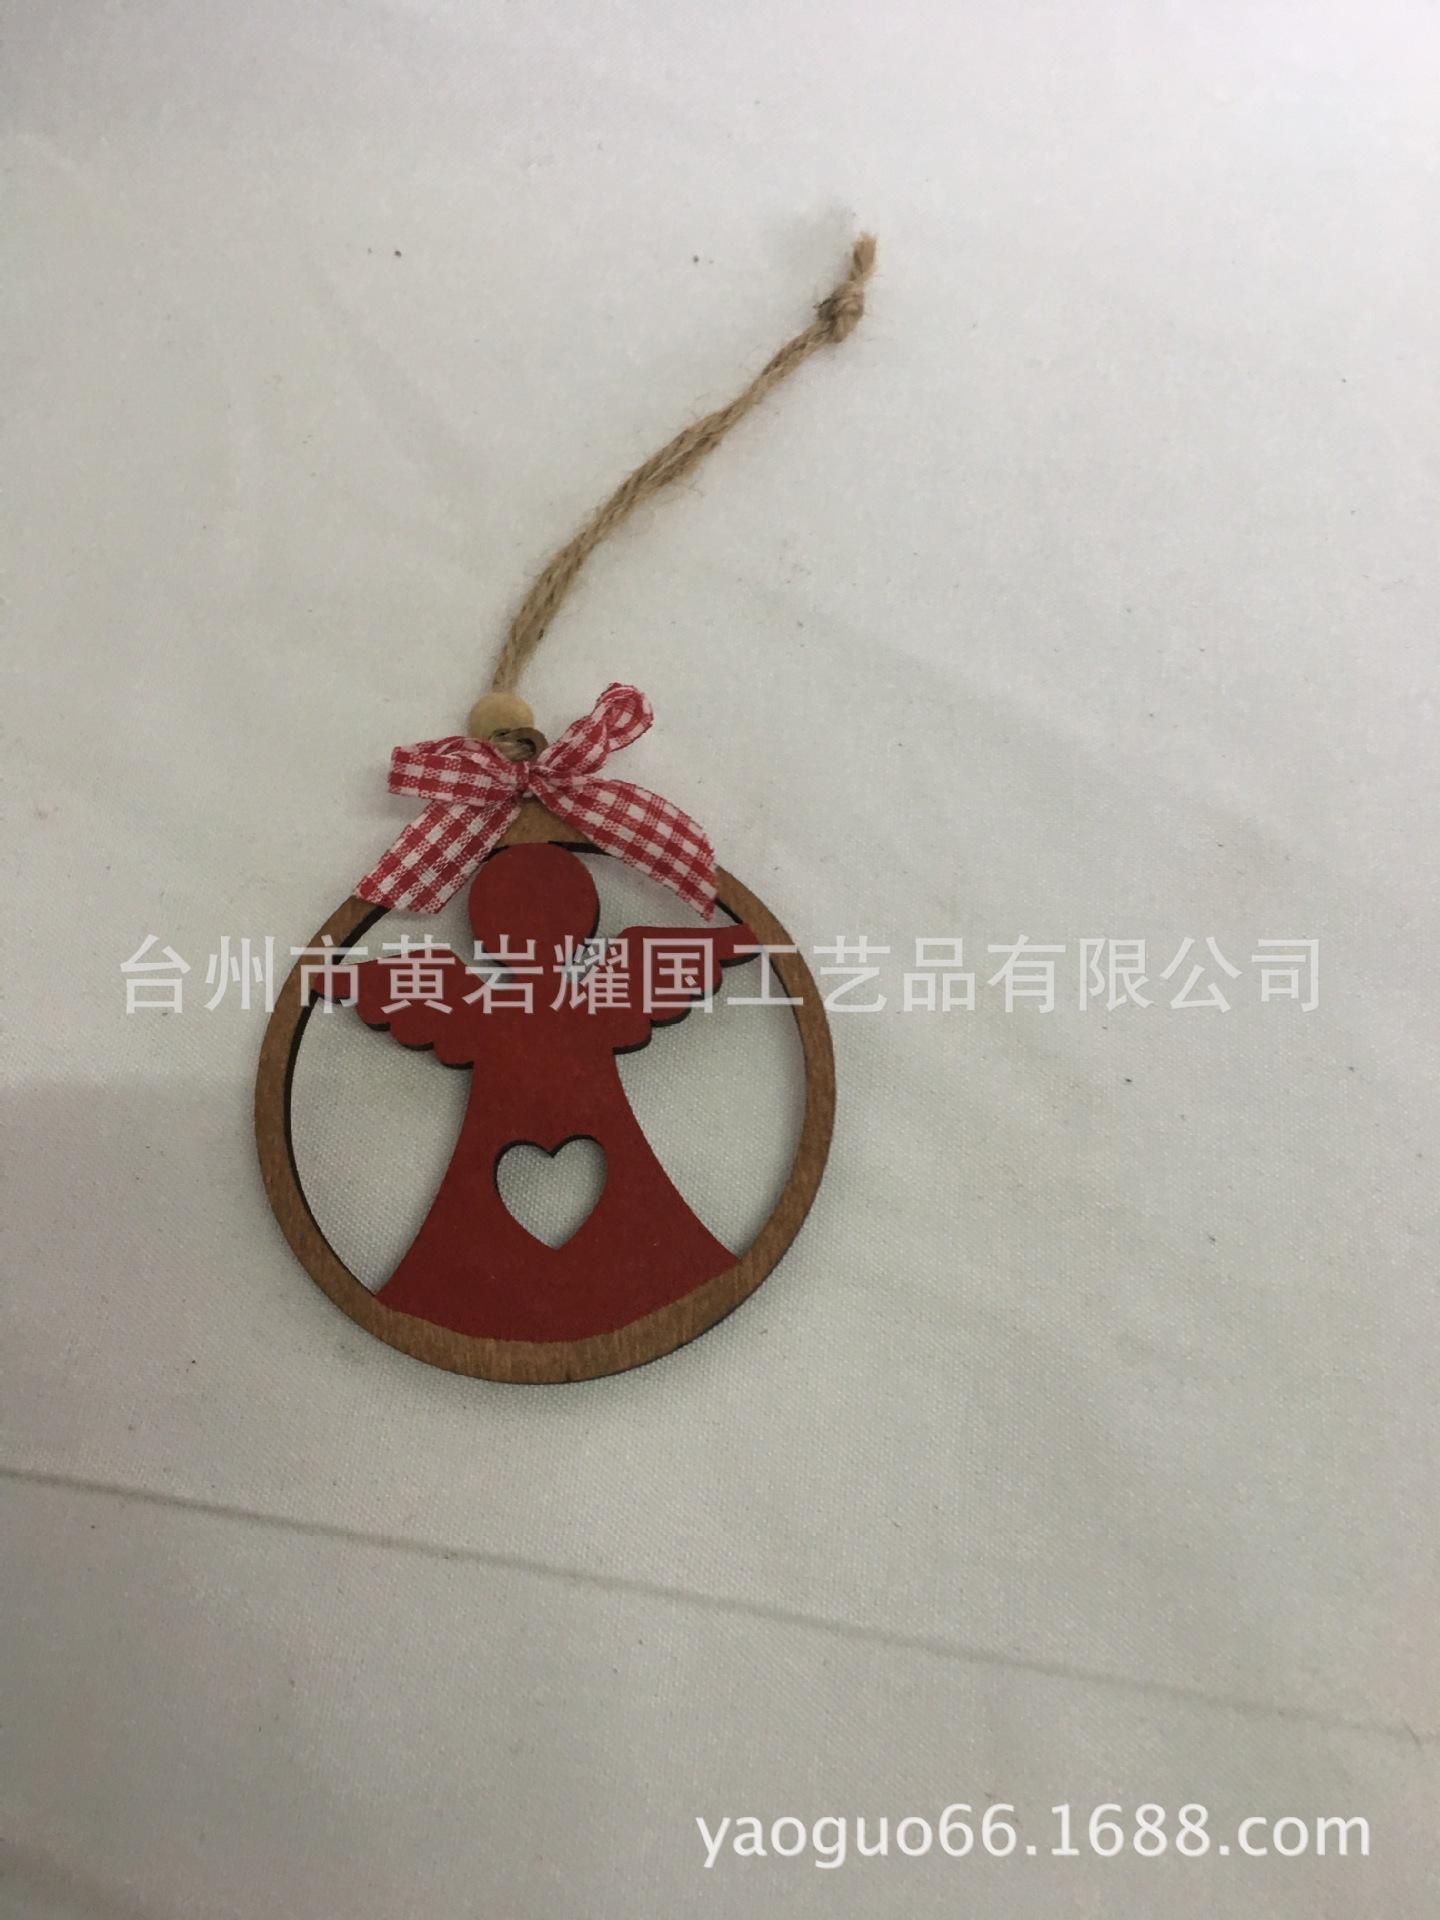 木制工艺品圆形圣诞挂件装饰品挂件